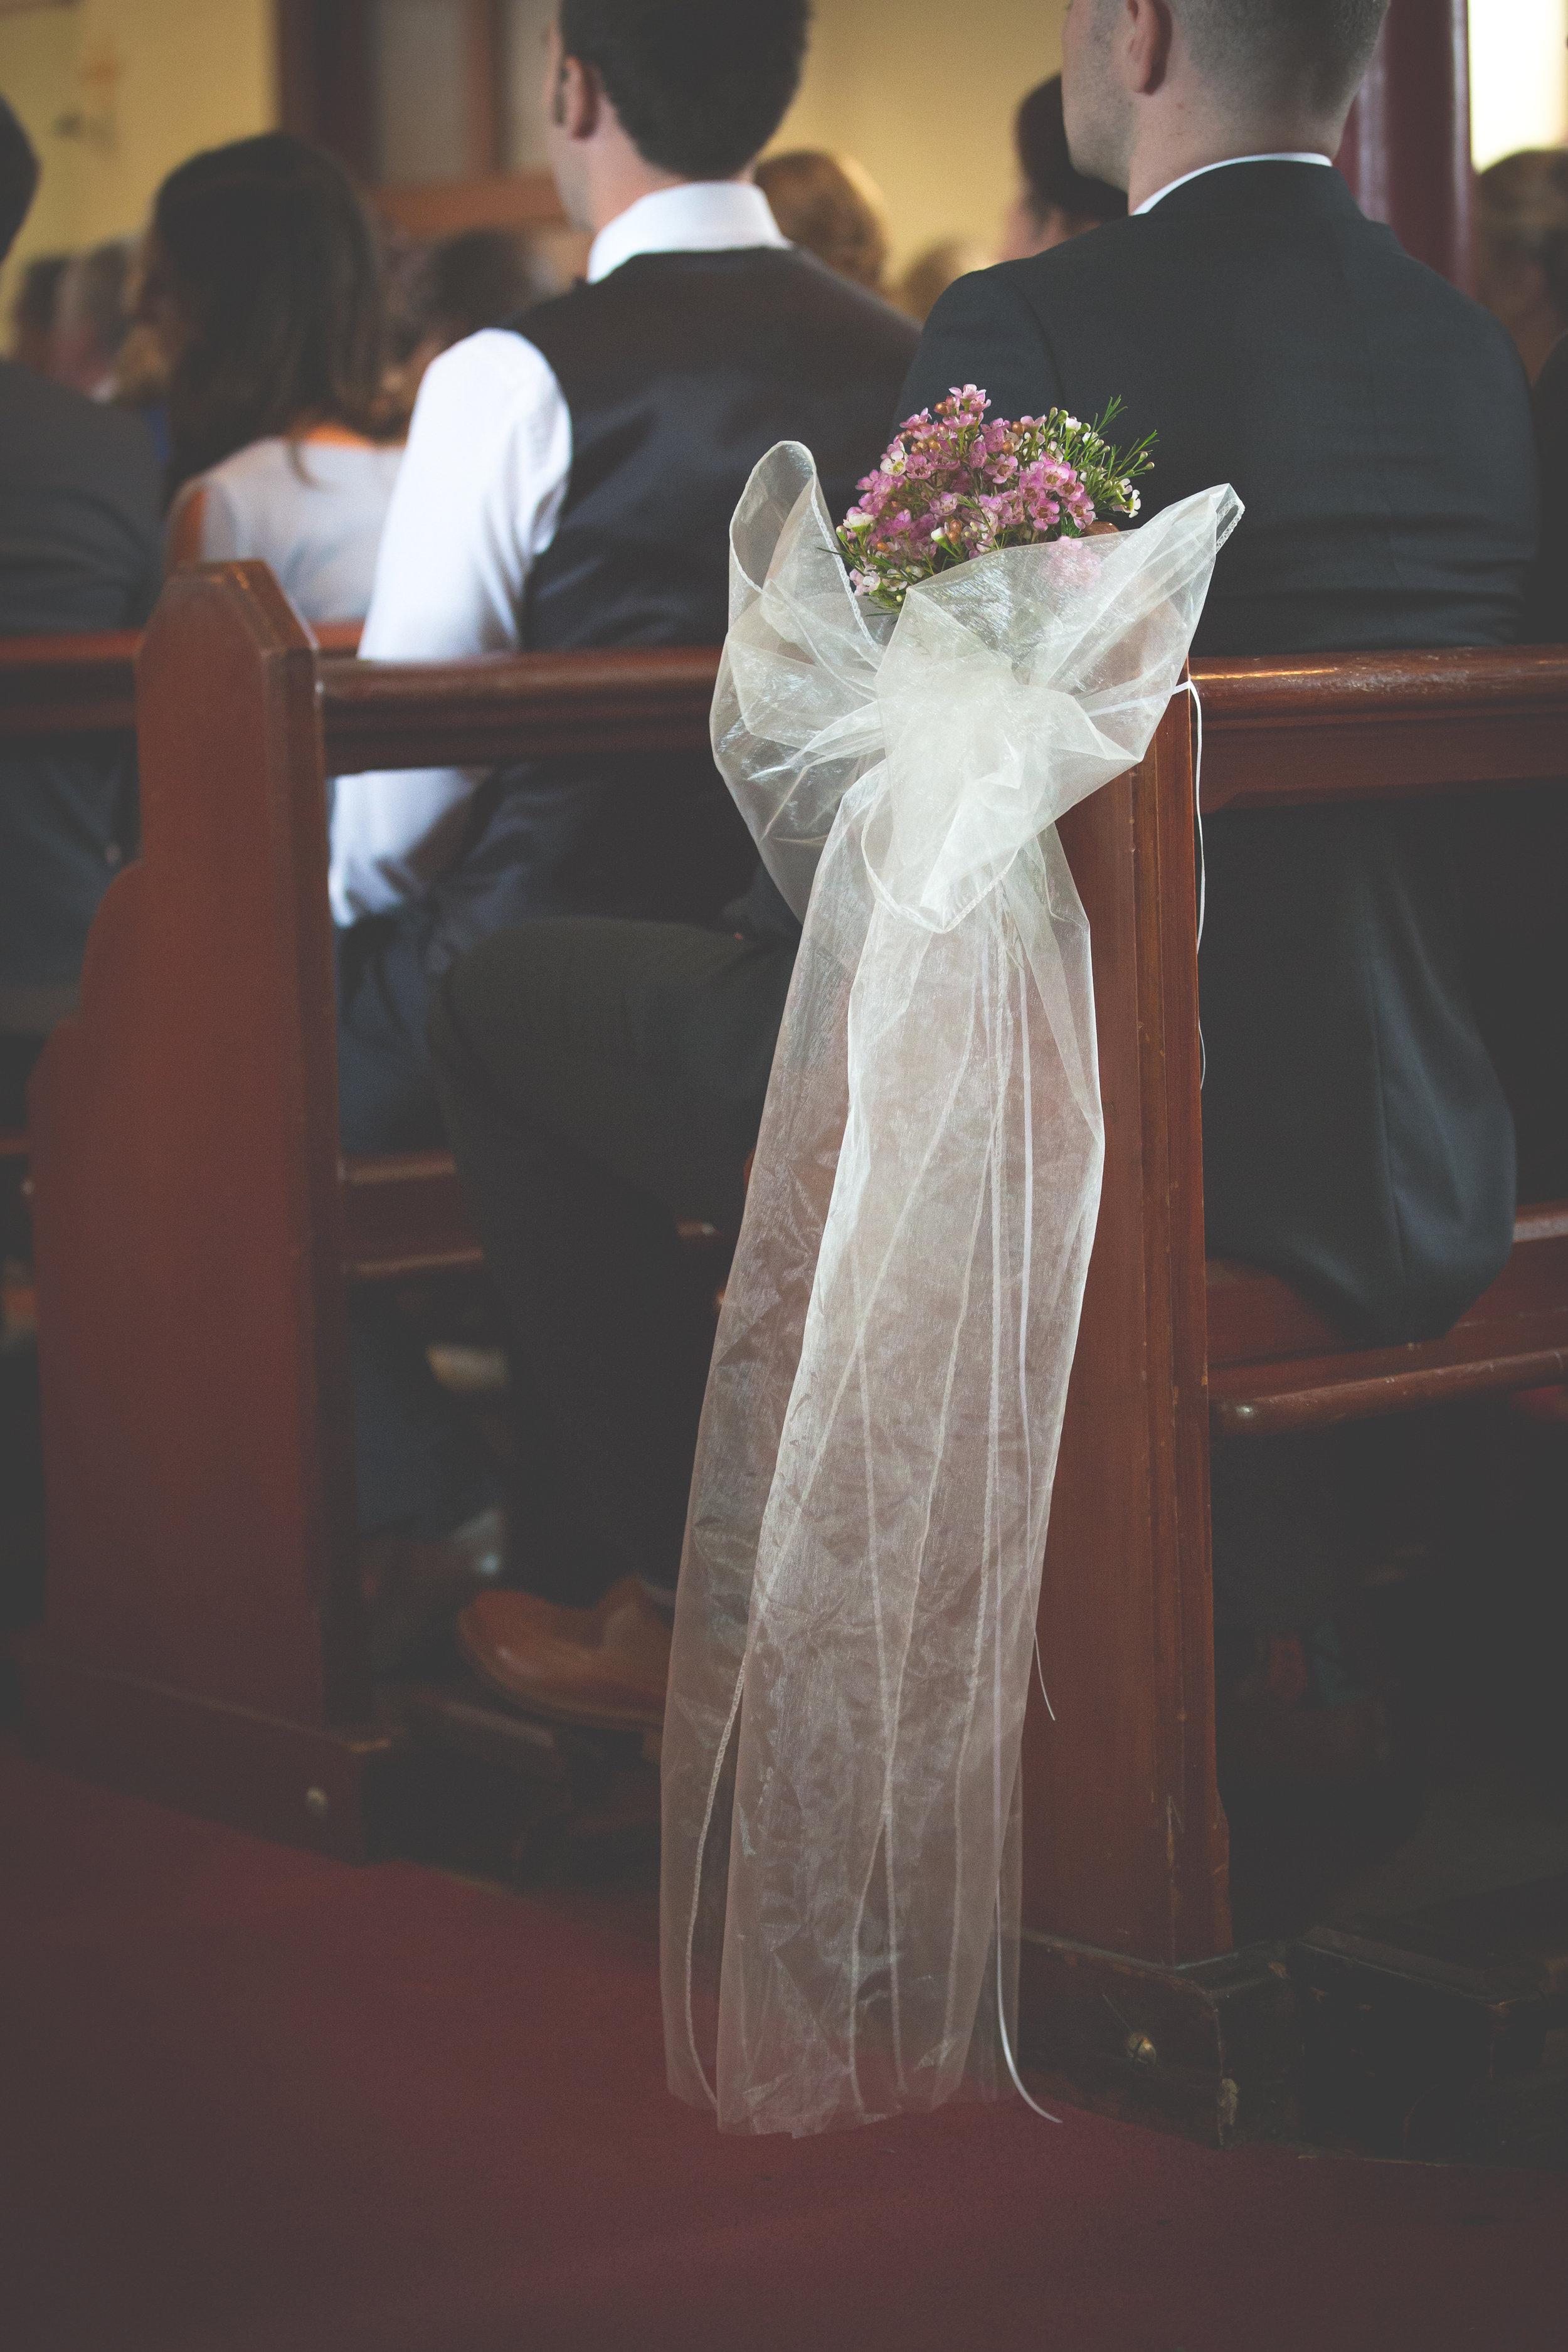 Brian McEwan Wedding Photography   Carol-Anne & Sean   The Ceremony-42.jpg